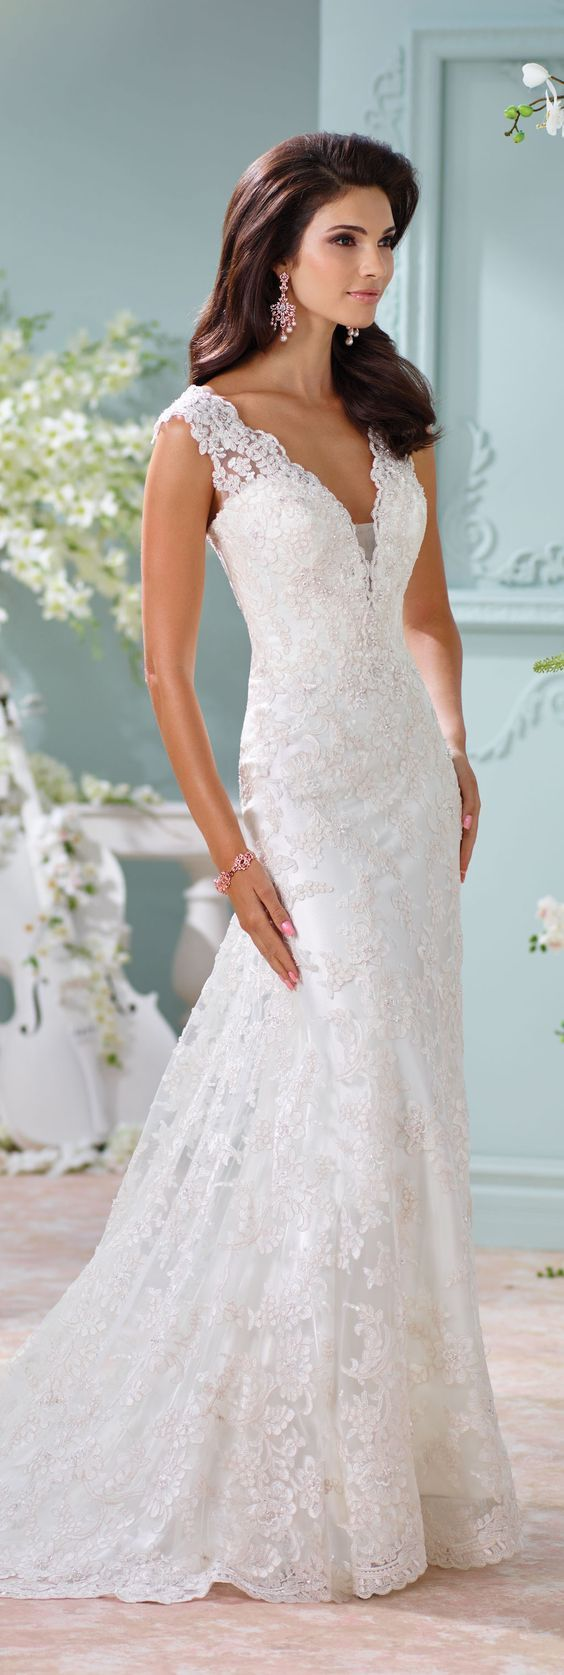 photo robe de mariée créateur pas cher 040 et plus encore sur www.robe2mariage.eu